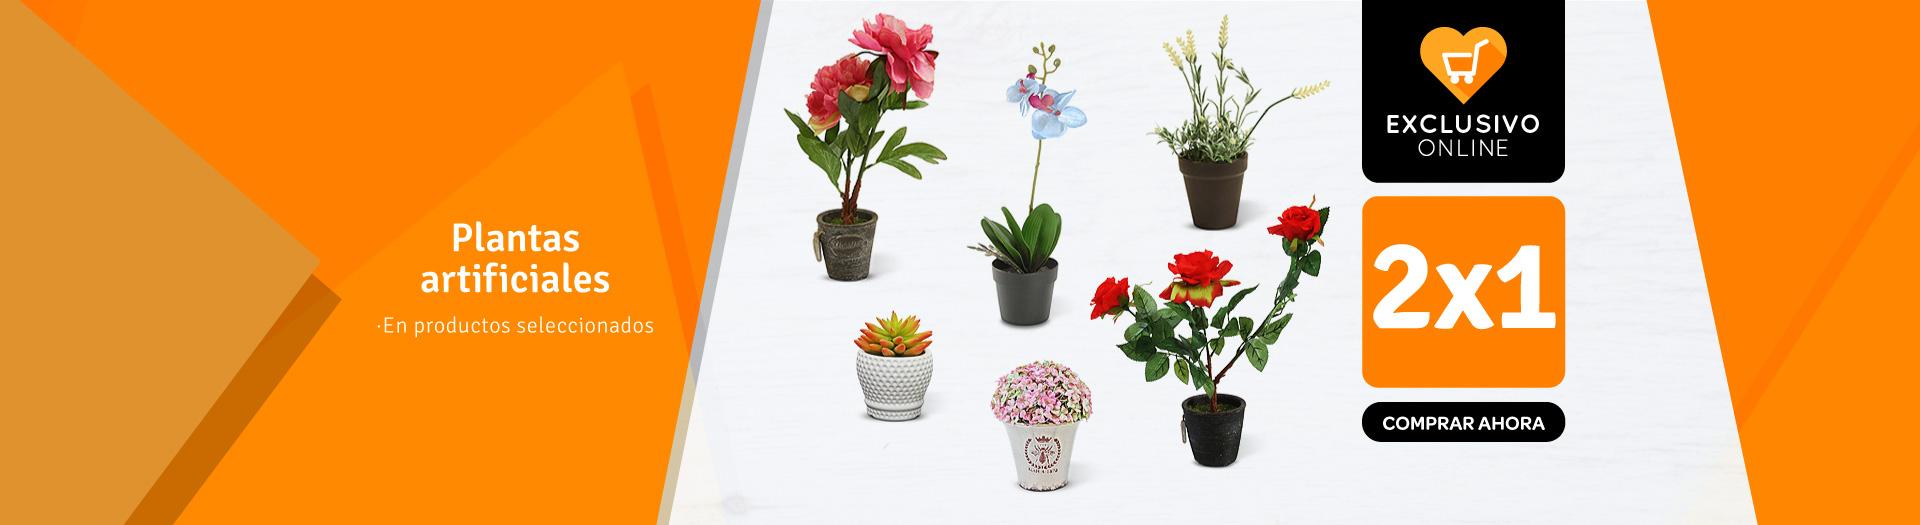 PlantasArtificiales